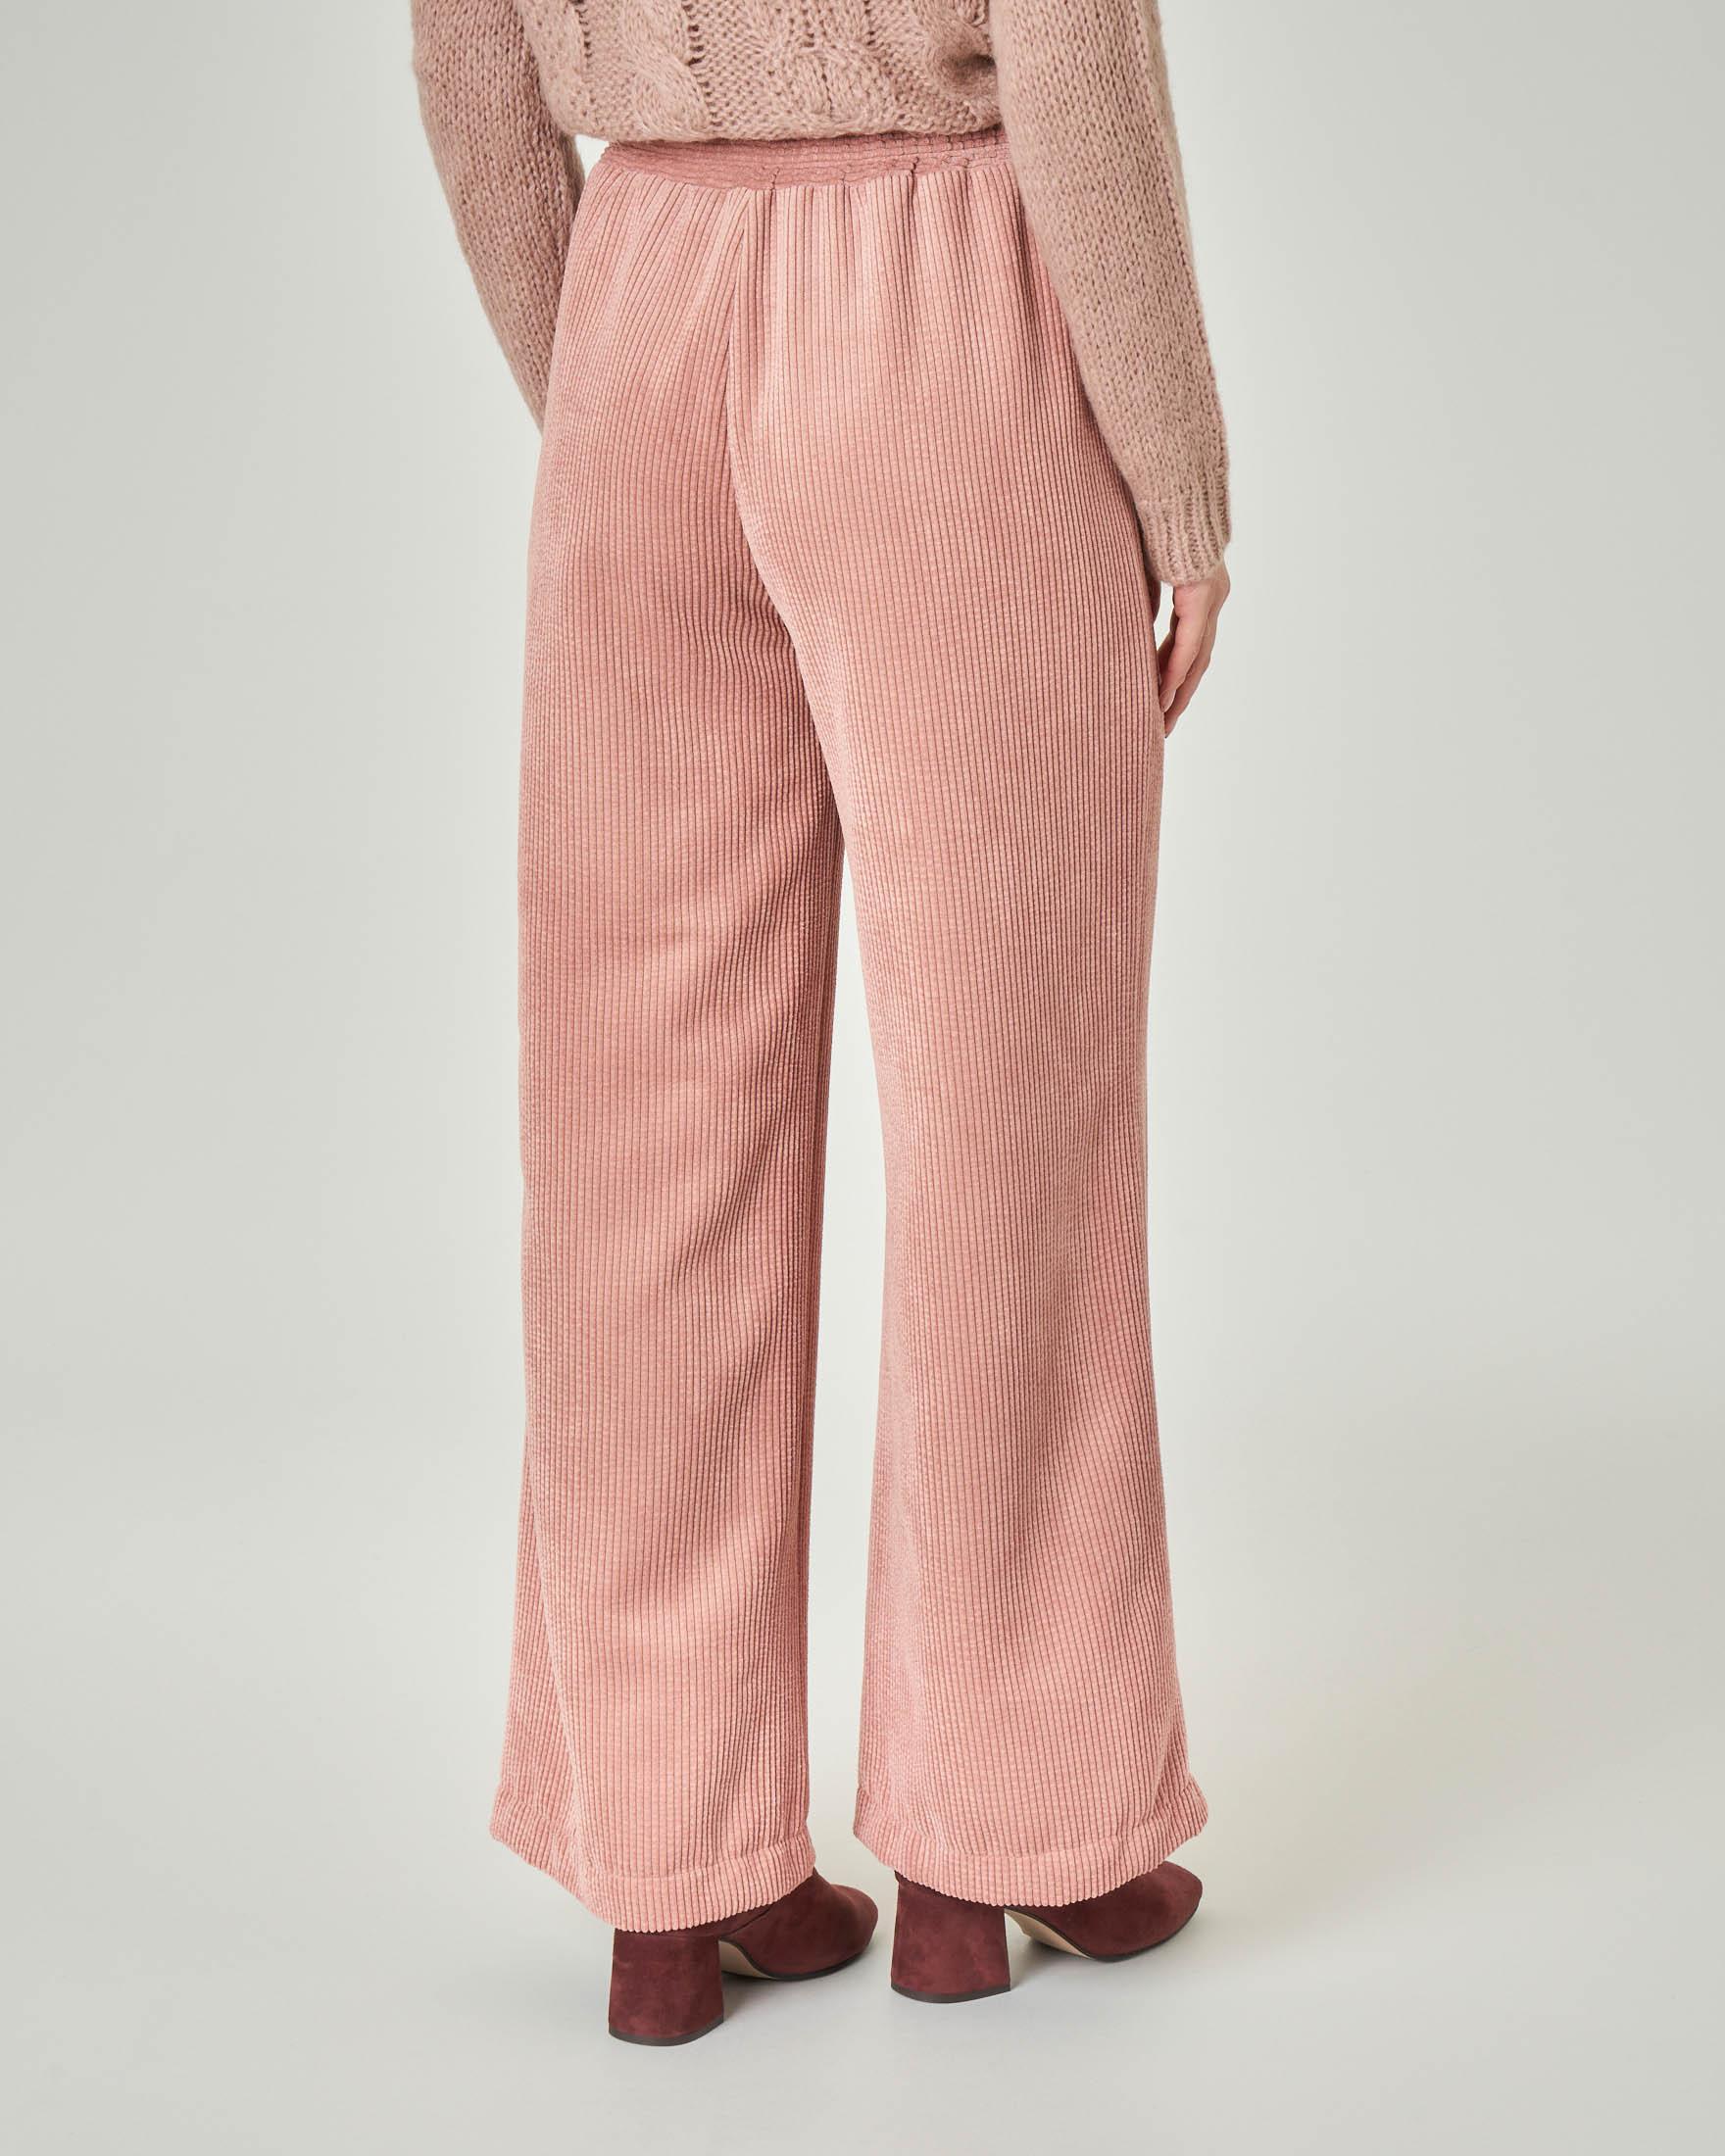 Pantaloni ampi in velluto a coste rosa con elastico inserito in vita